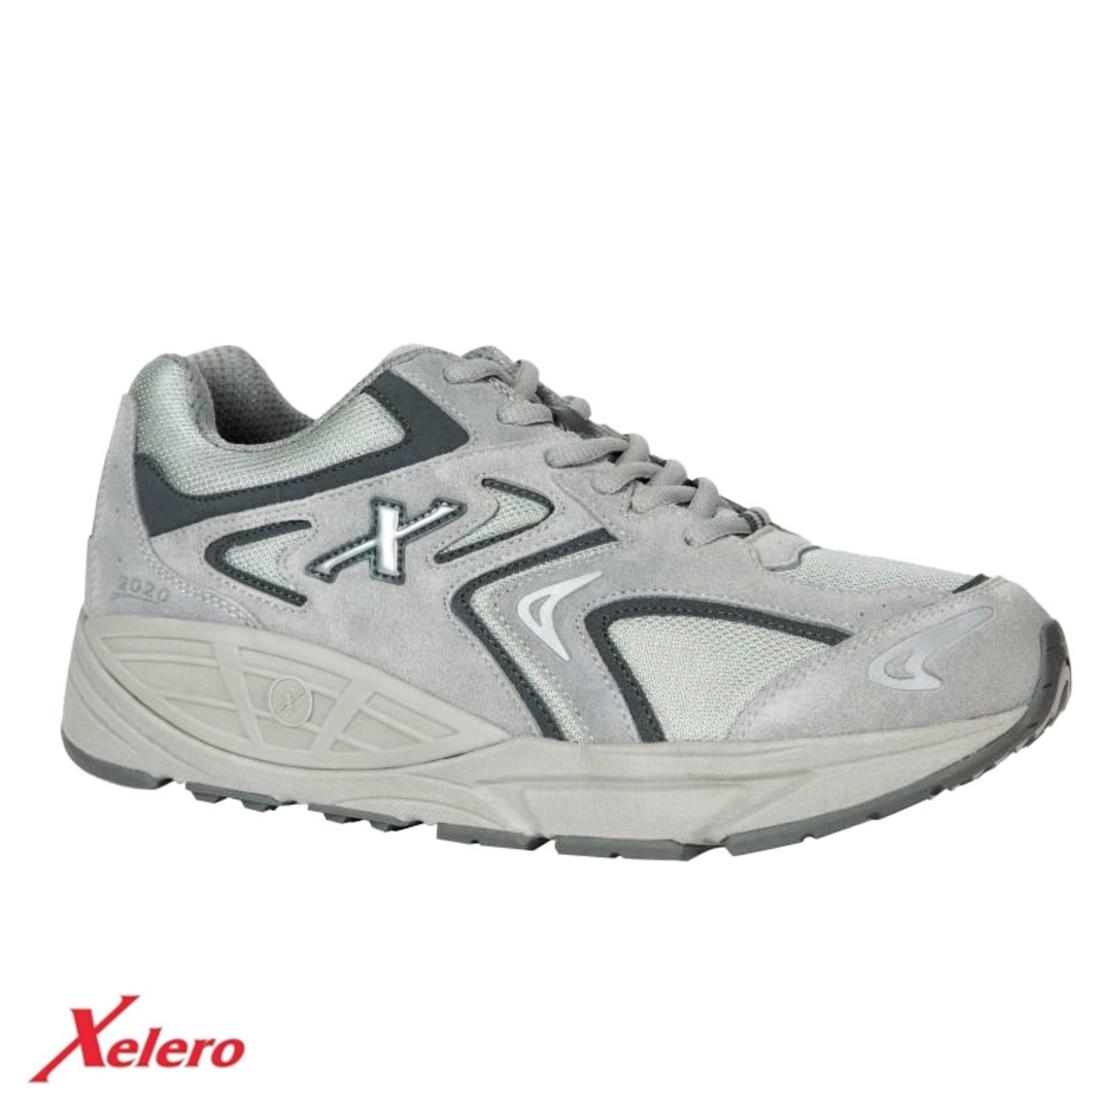 Xelero נעלי הליכה מקצועיות לגבר מטריקס